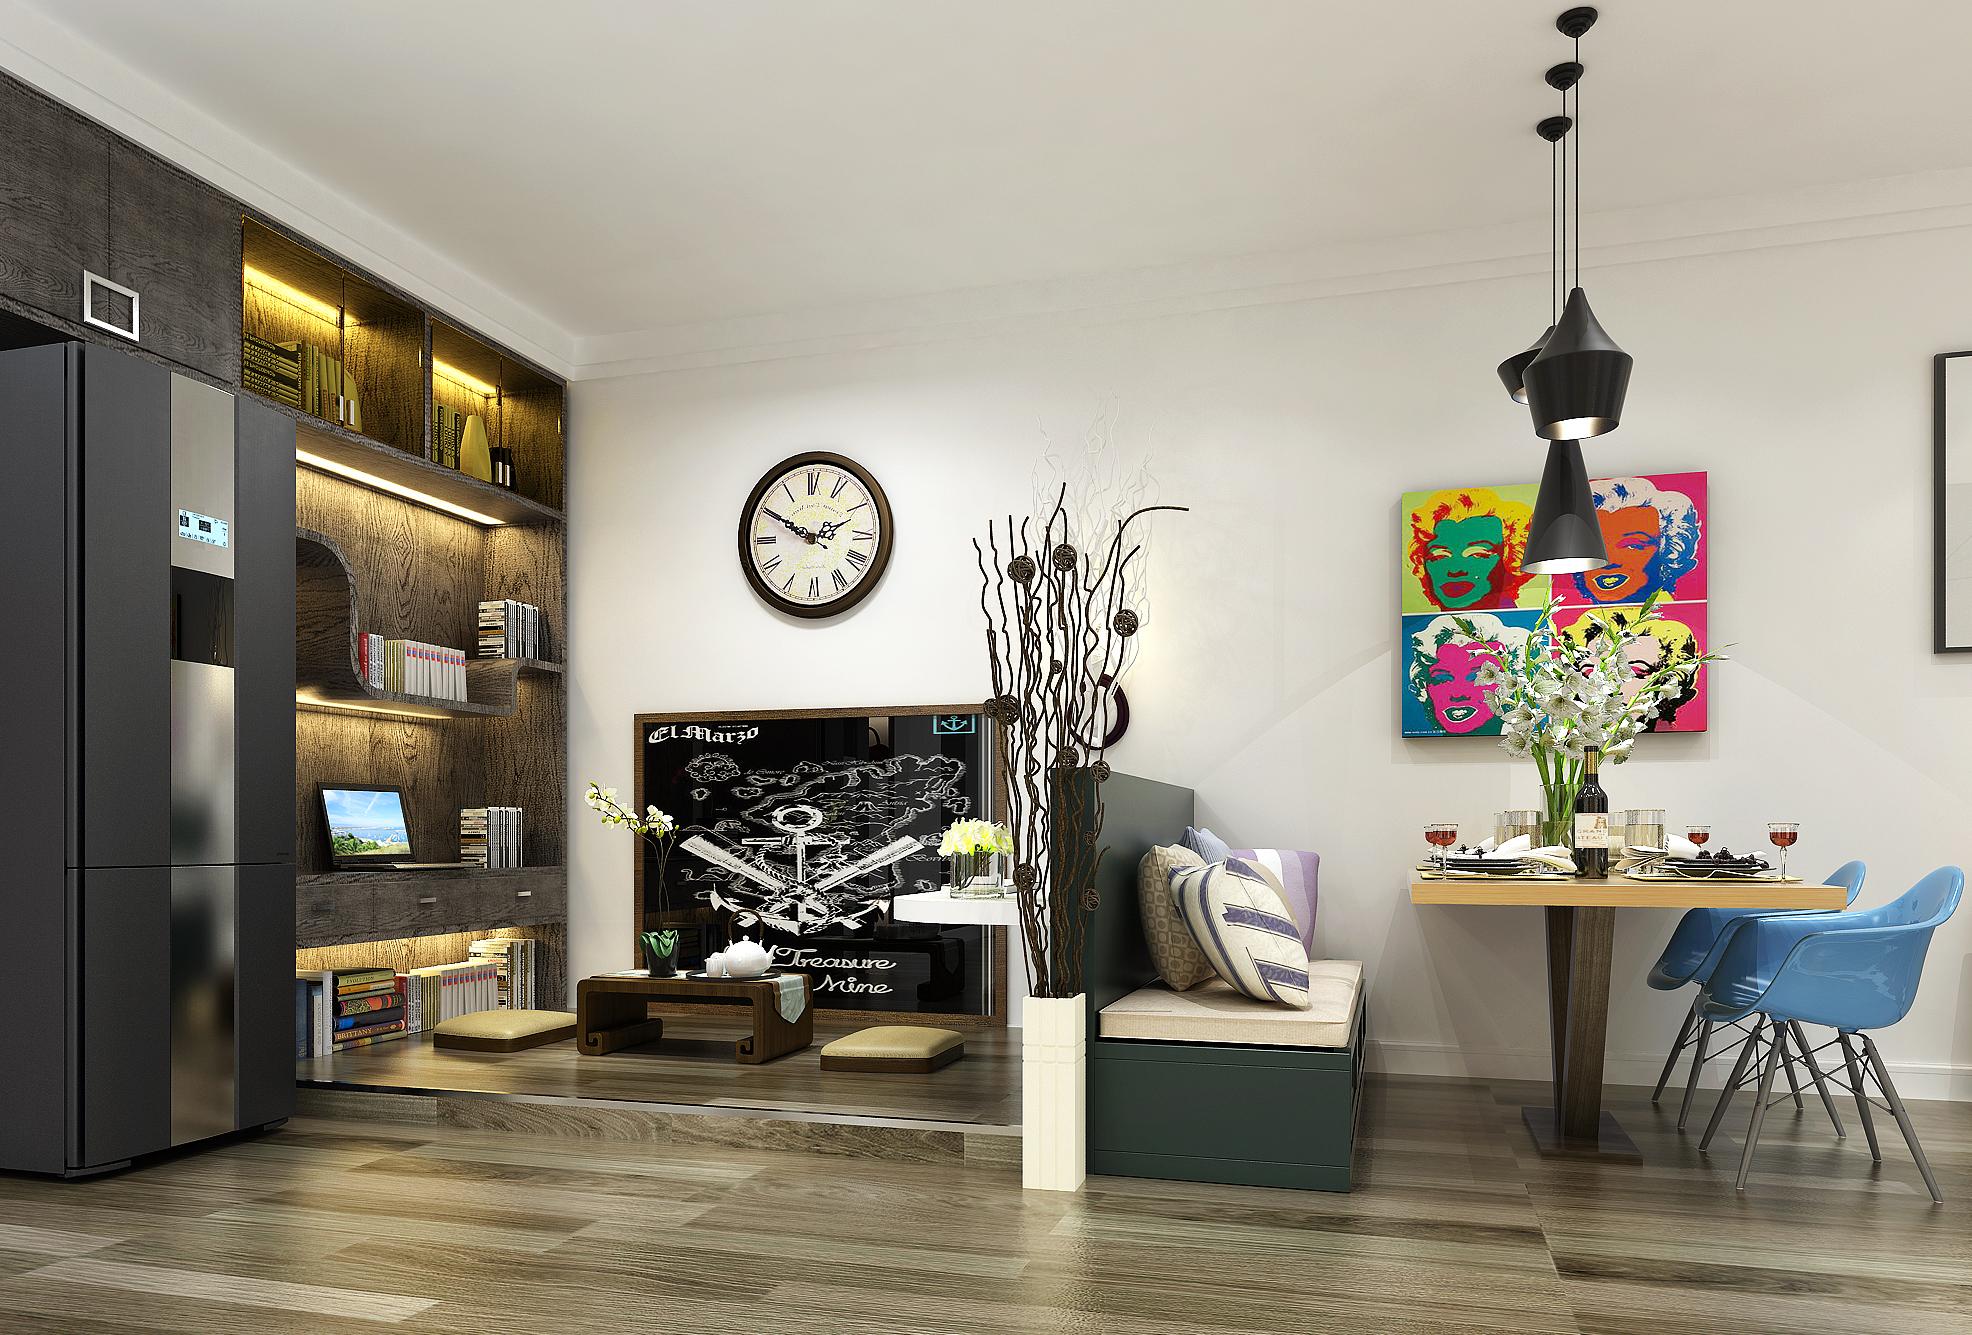 卡座 餐桌 酒柜 客厅图片来自圣奇凯尚室内设计工作室在圣奇凯尚装饰-国风美唐后现代的分享